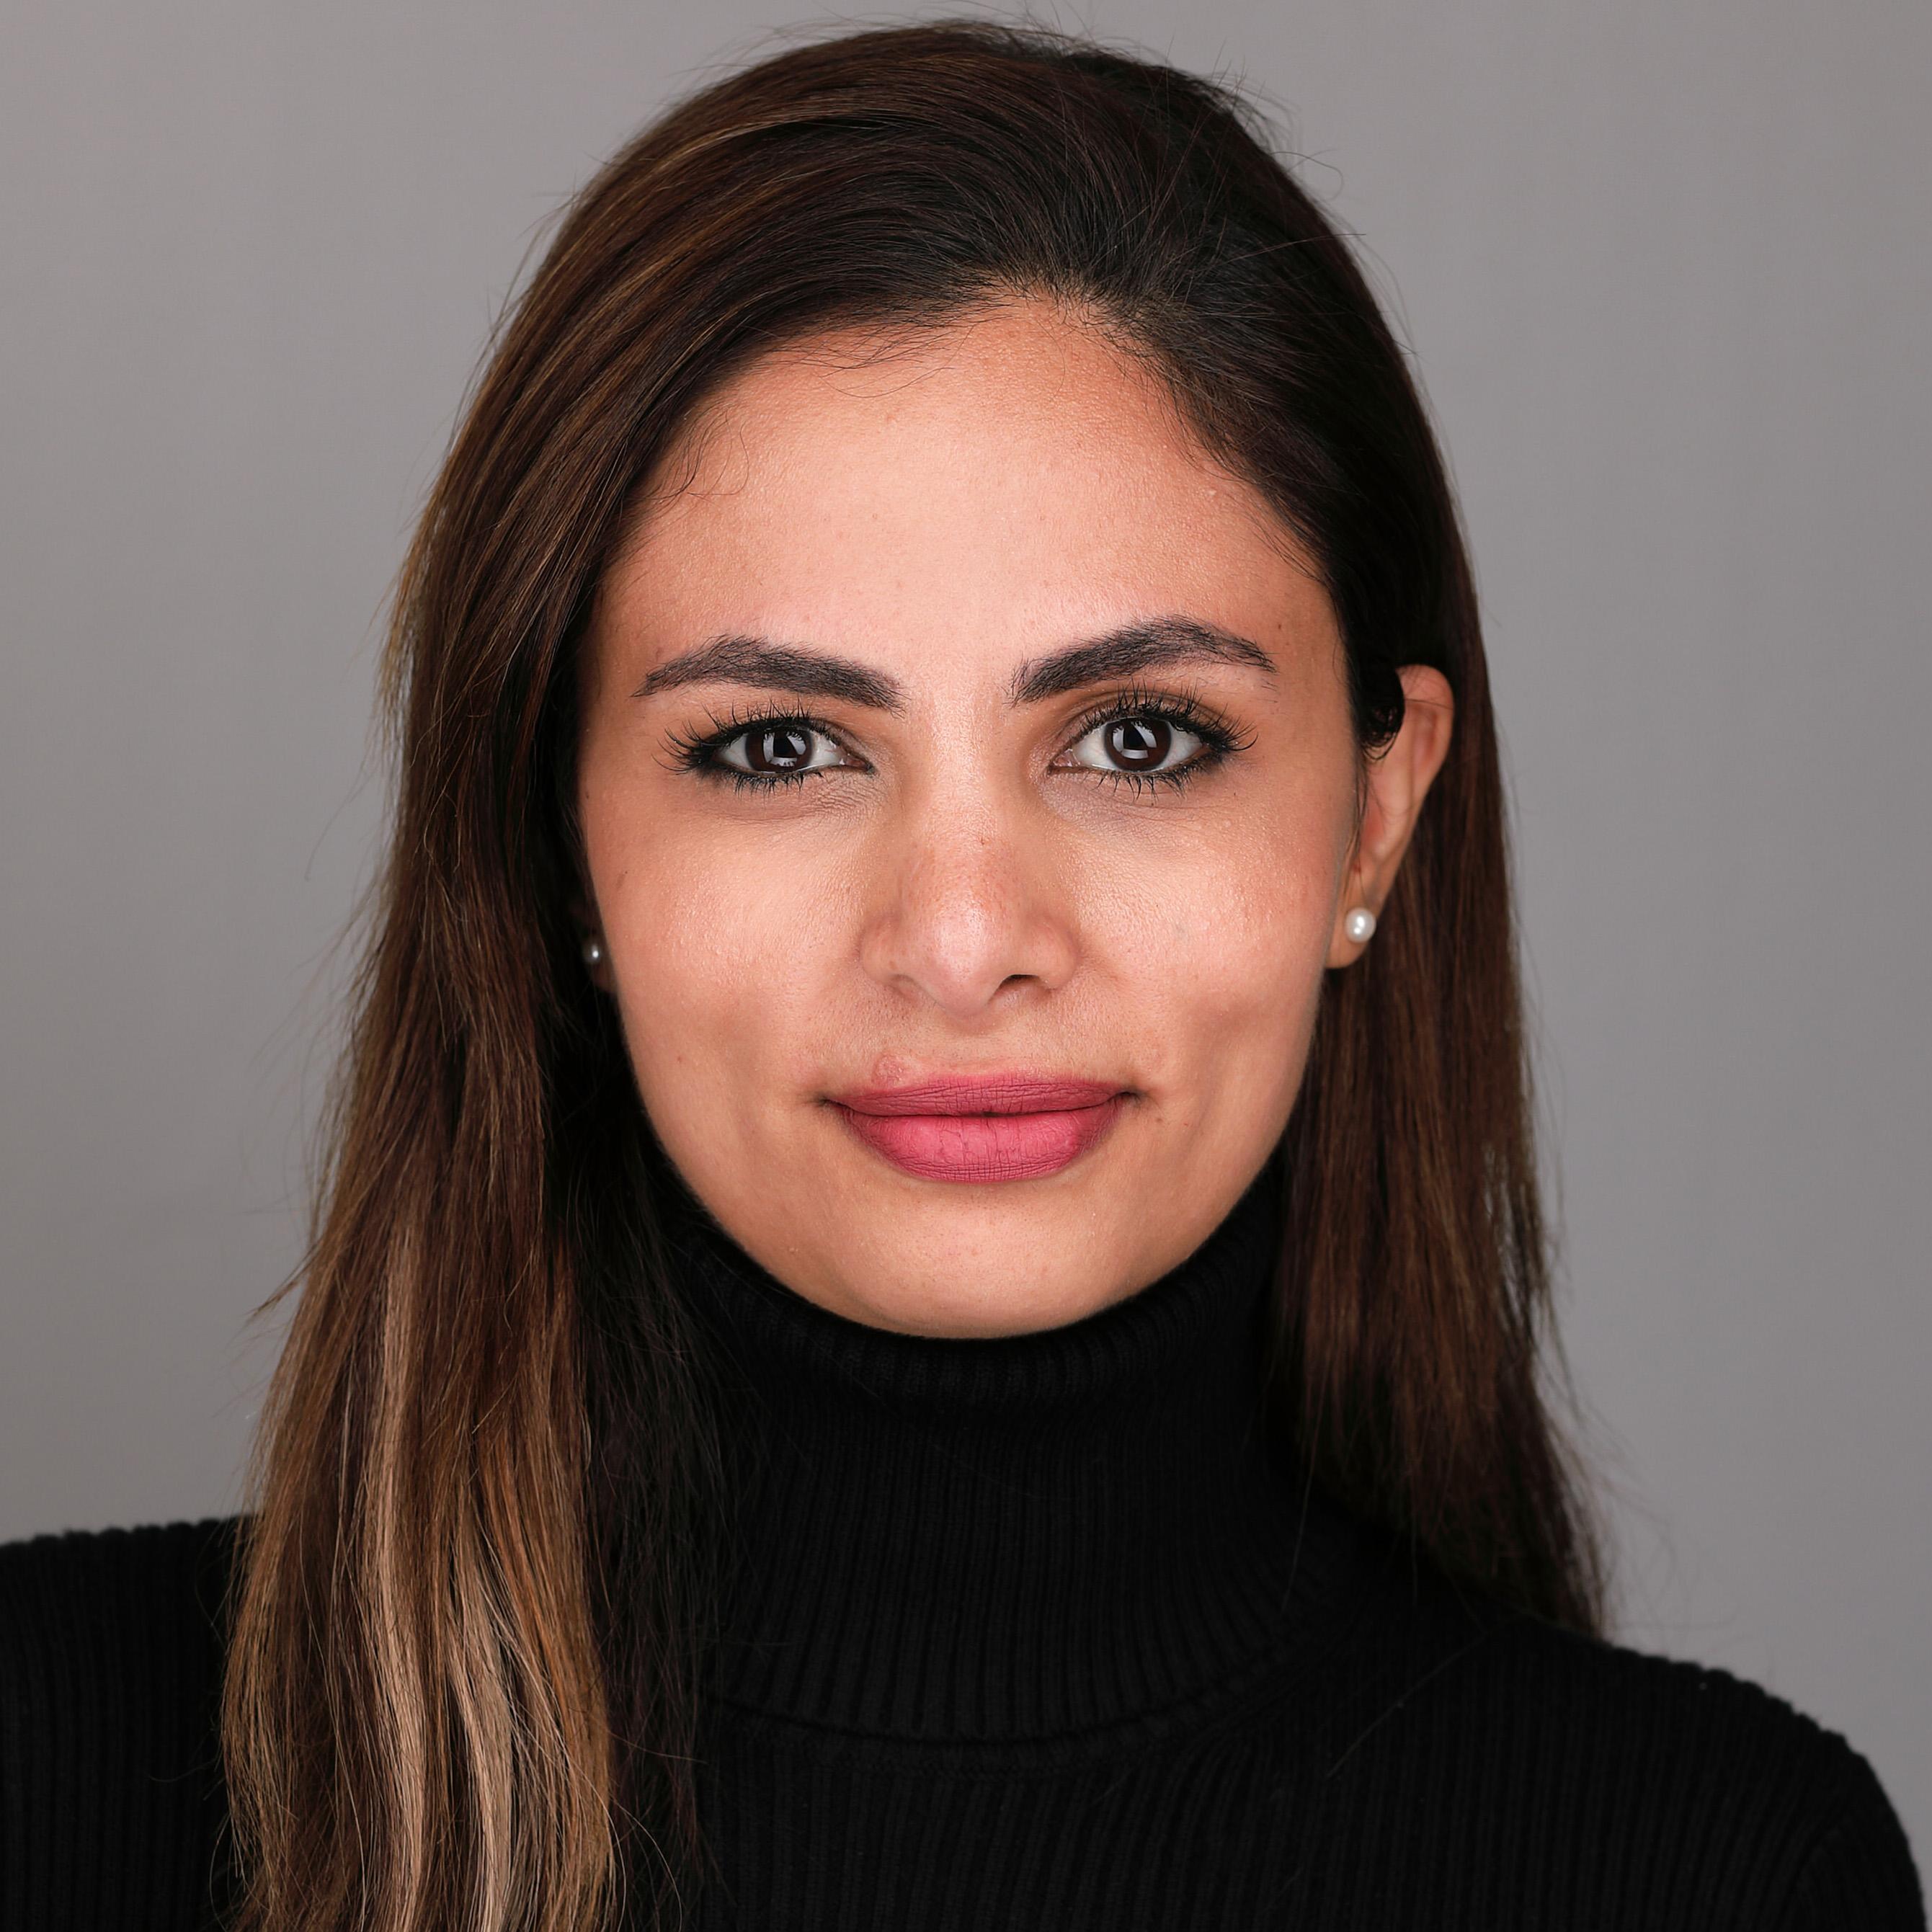 Amena Bakr